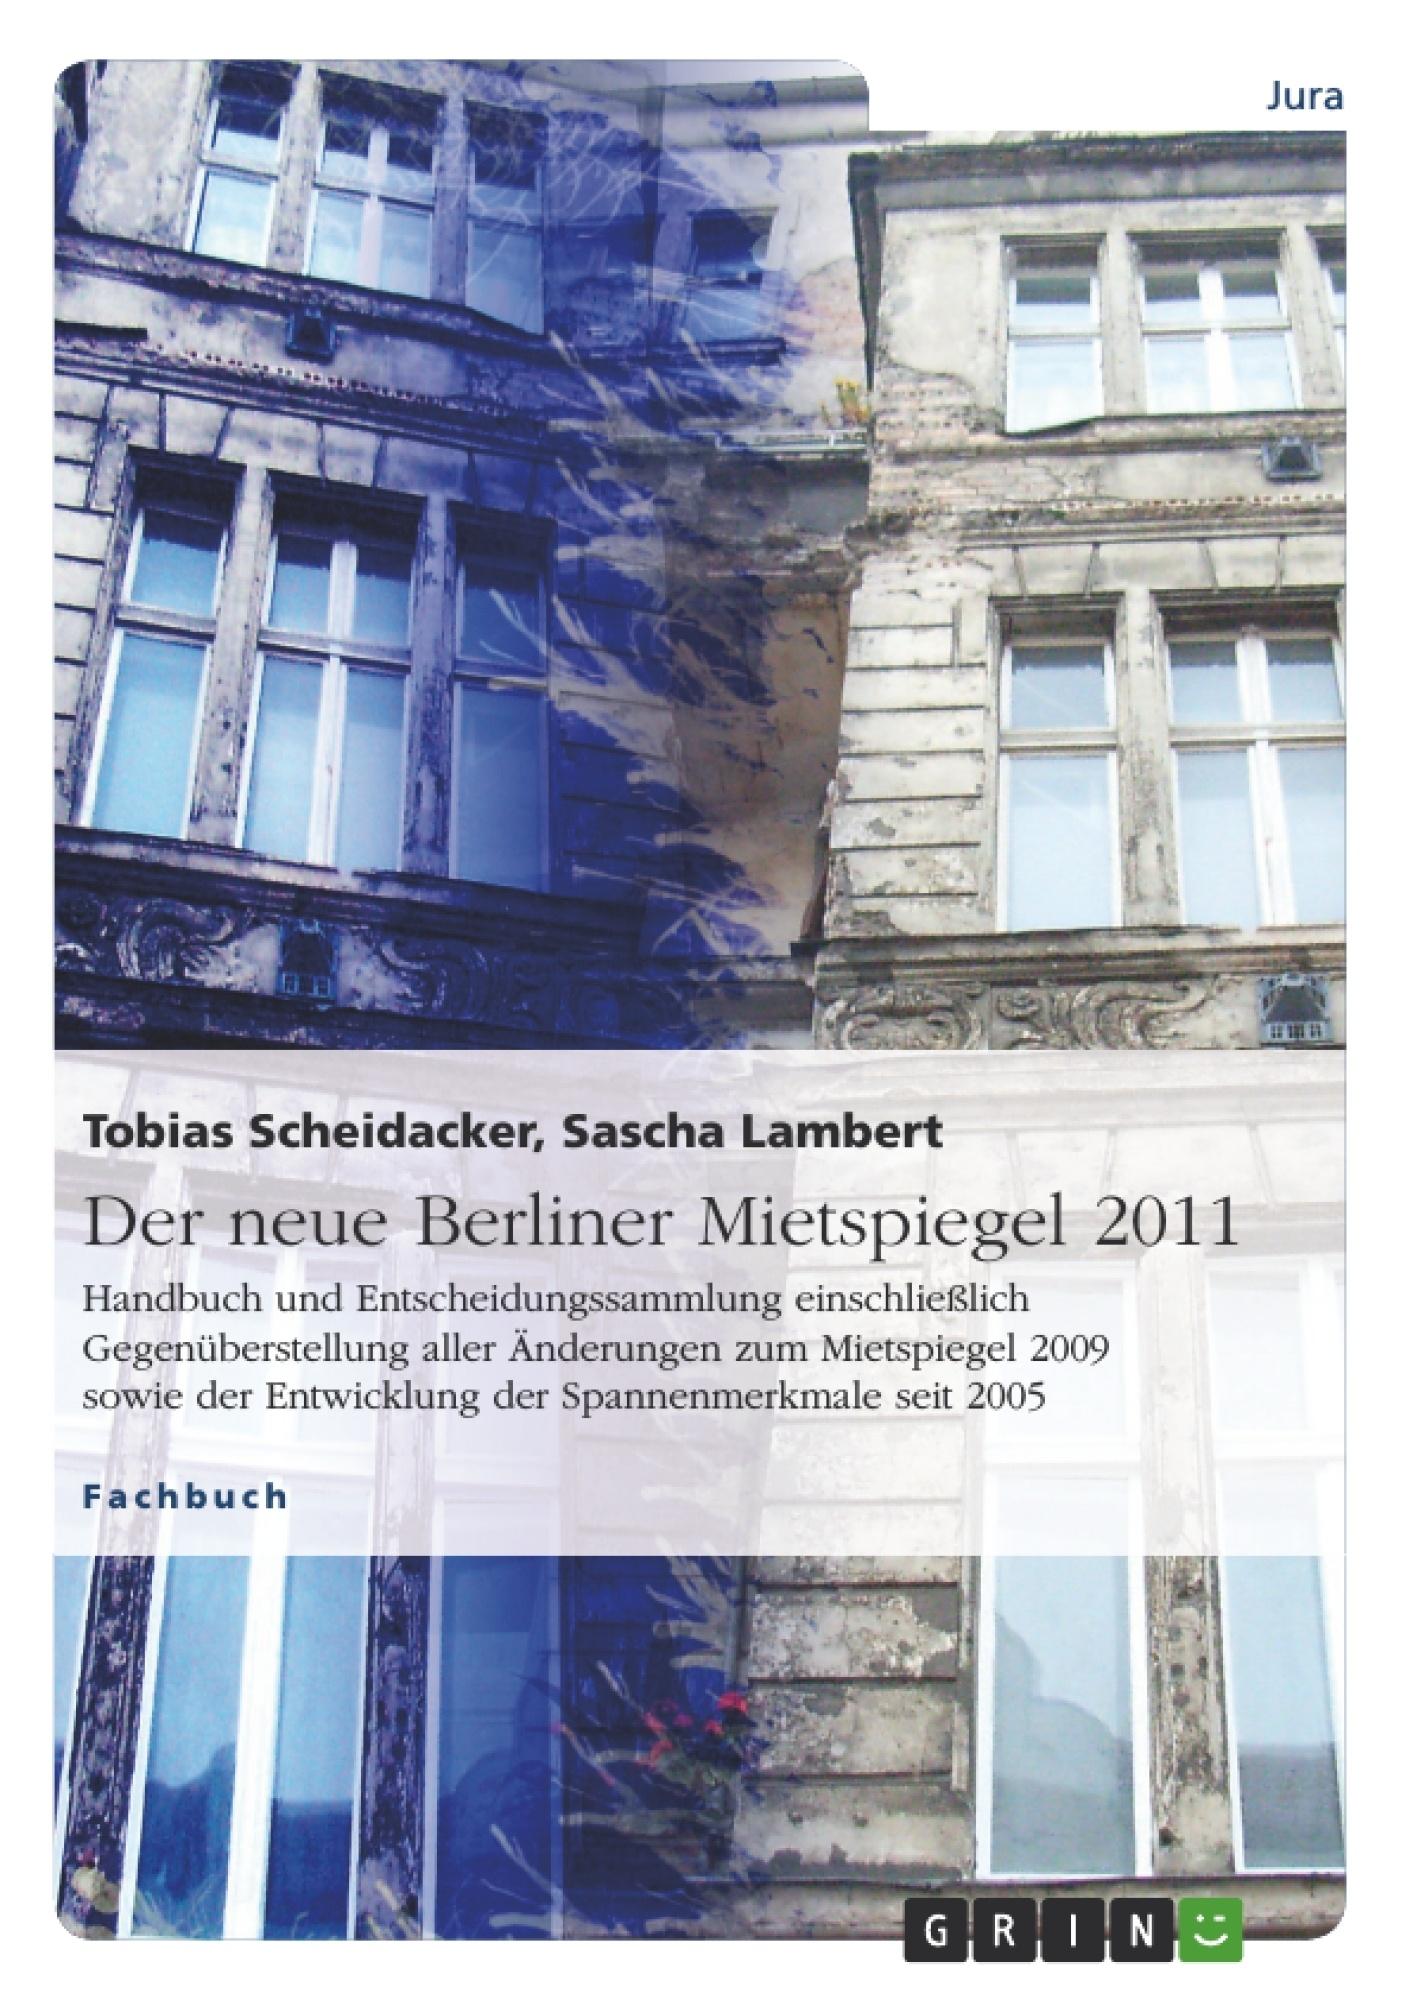 Titel: Der neue Berliner Mietspiegel 2011